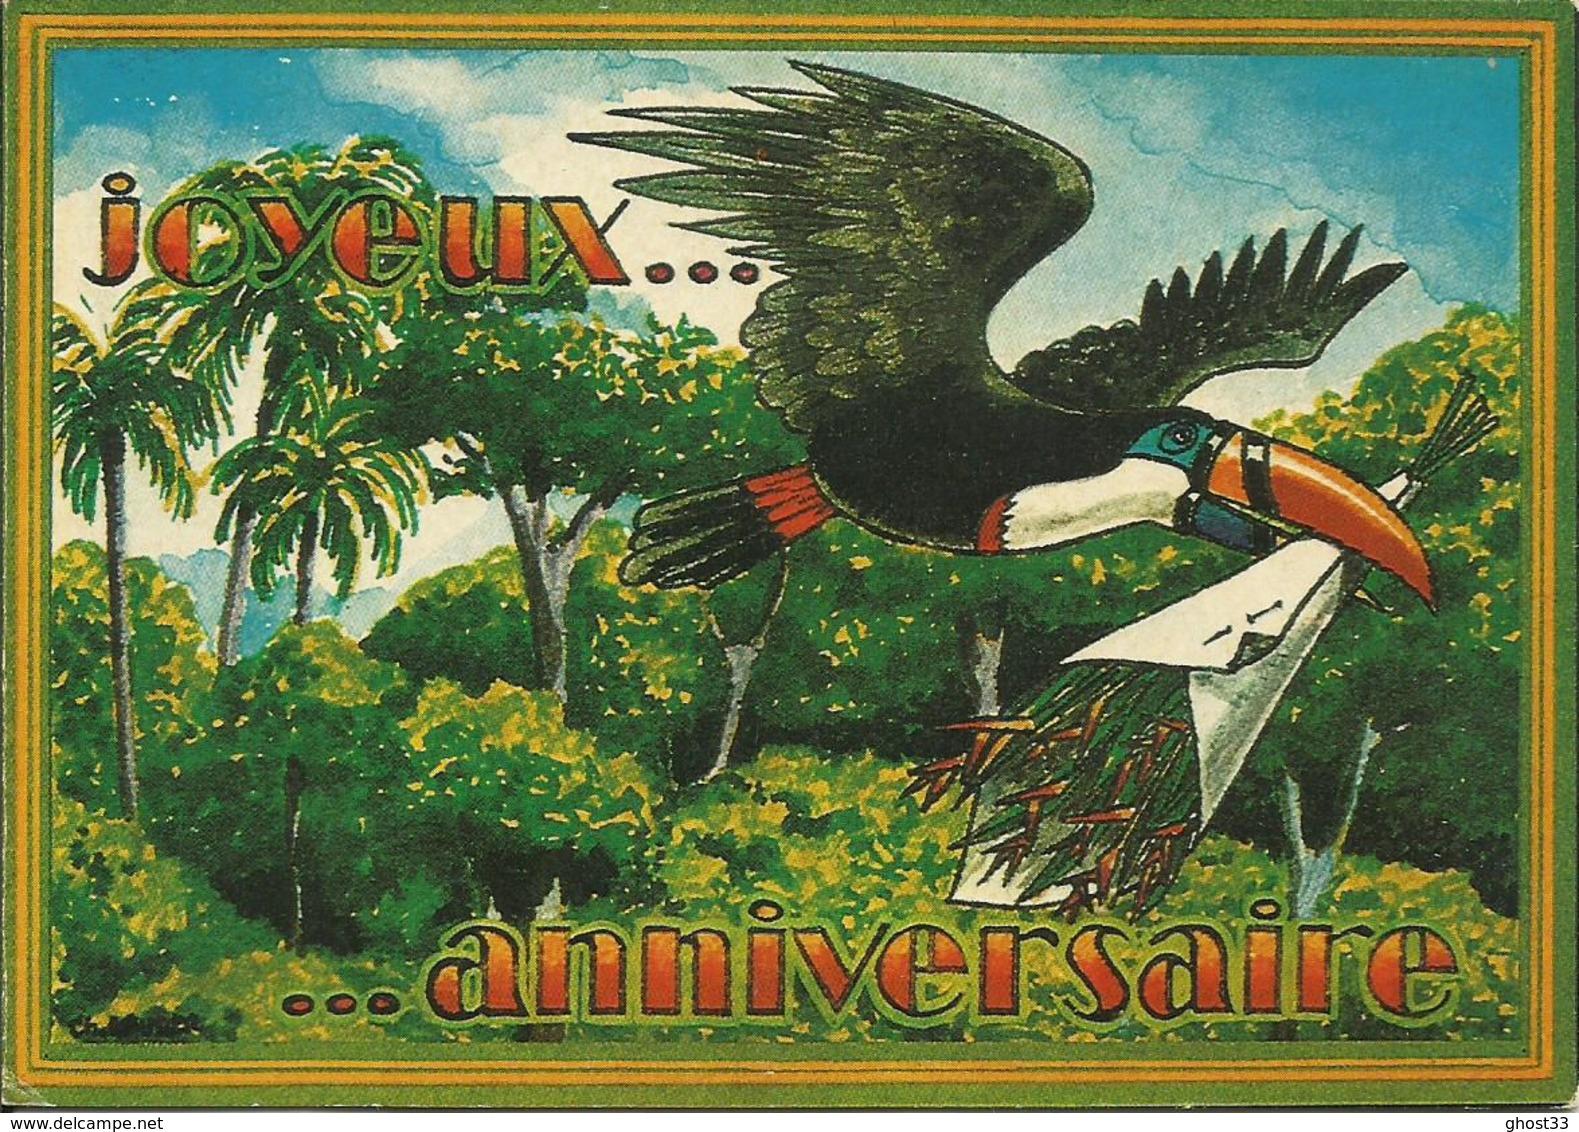 CARTE POSTALE PORTEFEUILLE - GUYANE - Joyeux Anniversaire - Production Pierre DUBOIS - Guyane